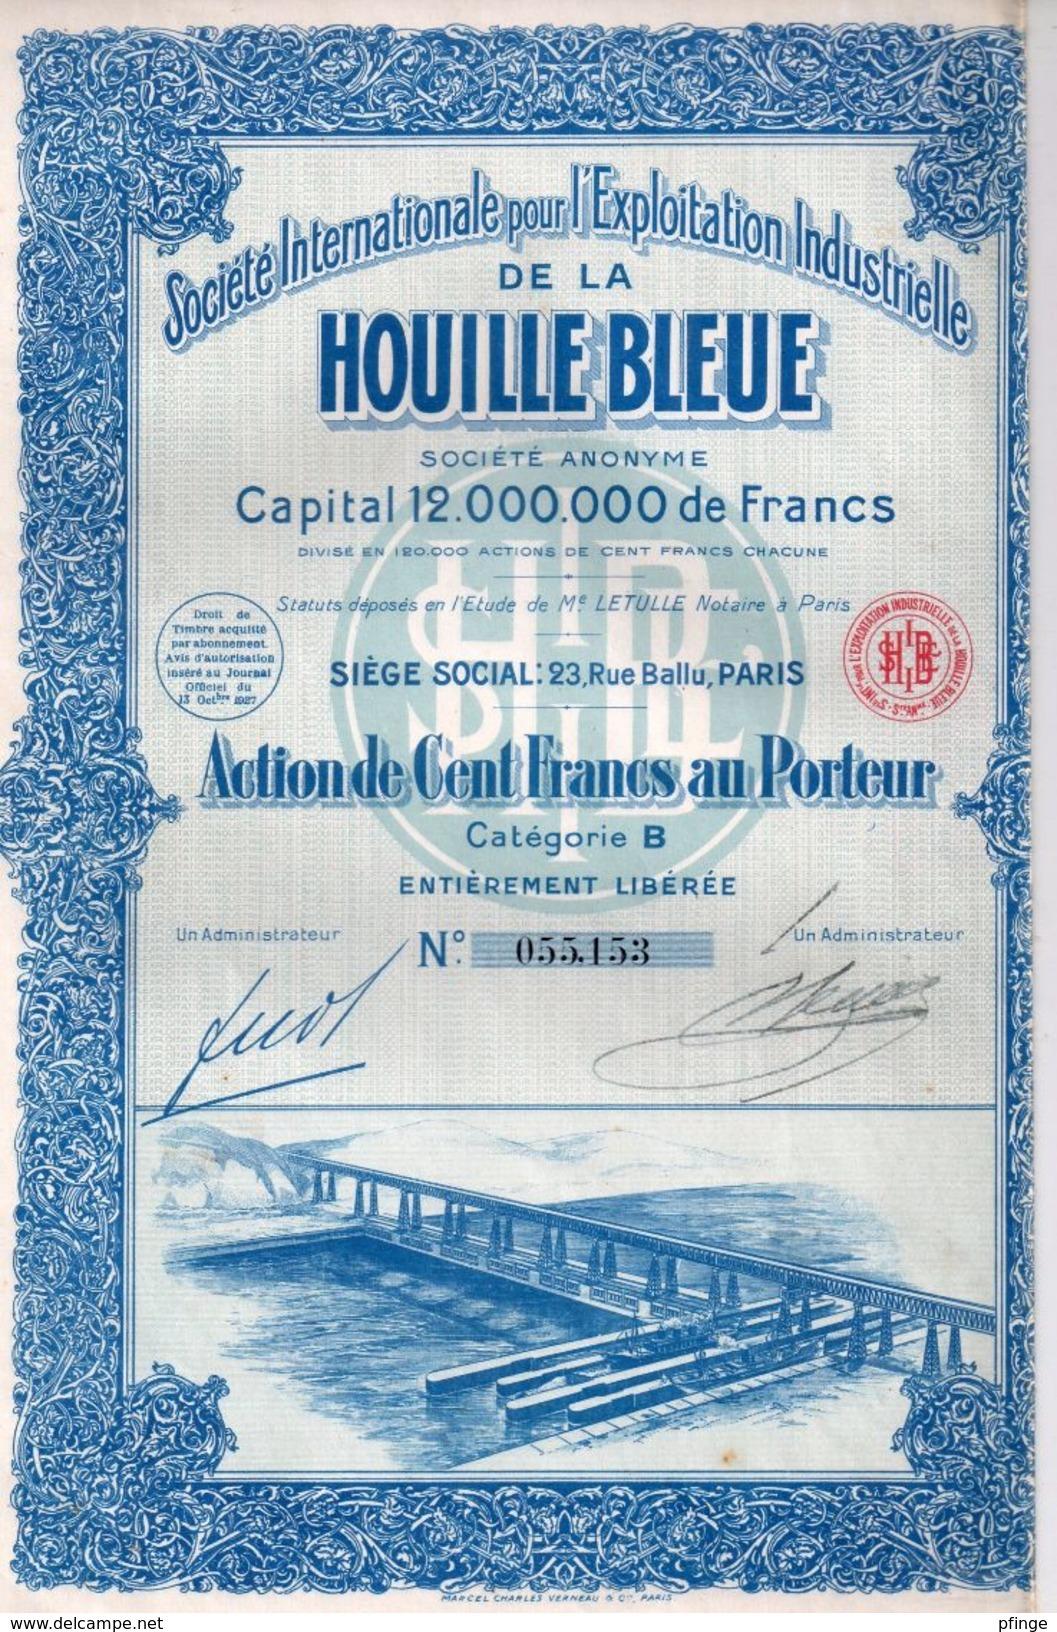 Société Internationale Pour L'Exploitation Industrielle De La Houille Bleue - Action De Cent Francs Au Porteur - Electricité & Gaz